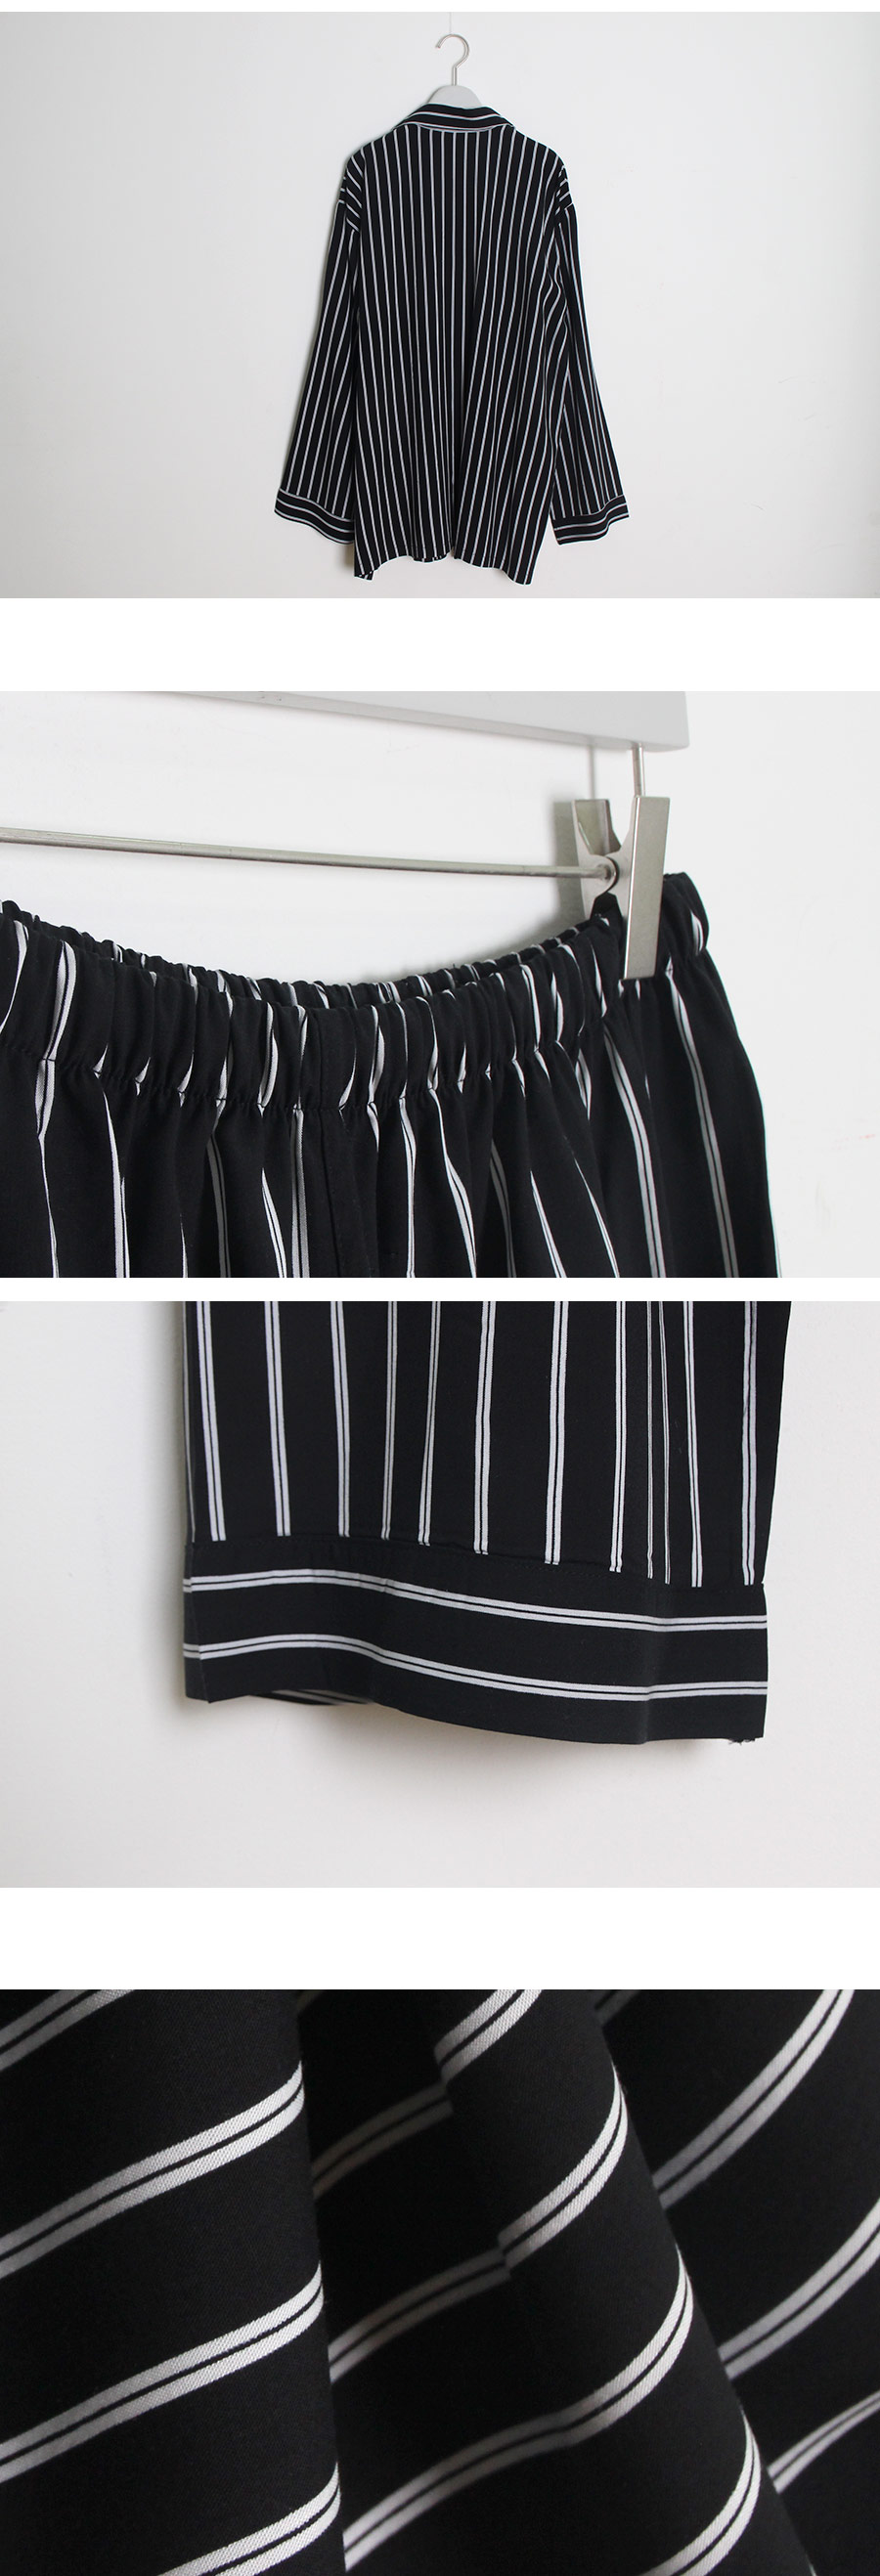 맥시 스트라이프 투피스 커플잠옷 WM119 - 쿠비카, 135,000원, 잠옷, 커플파자마